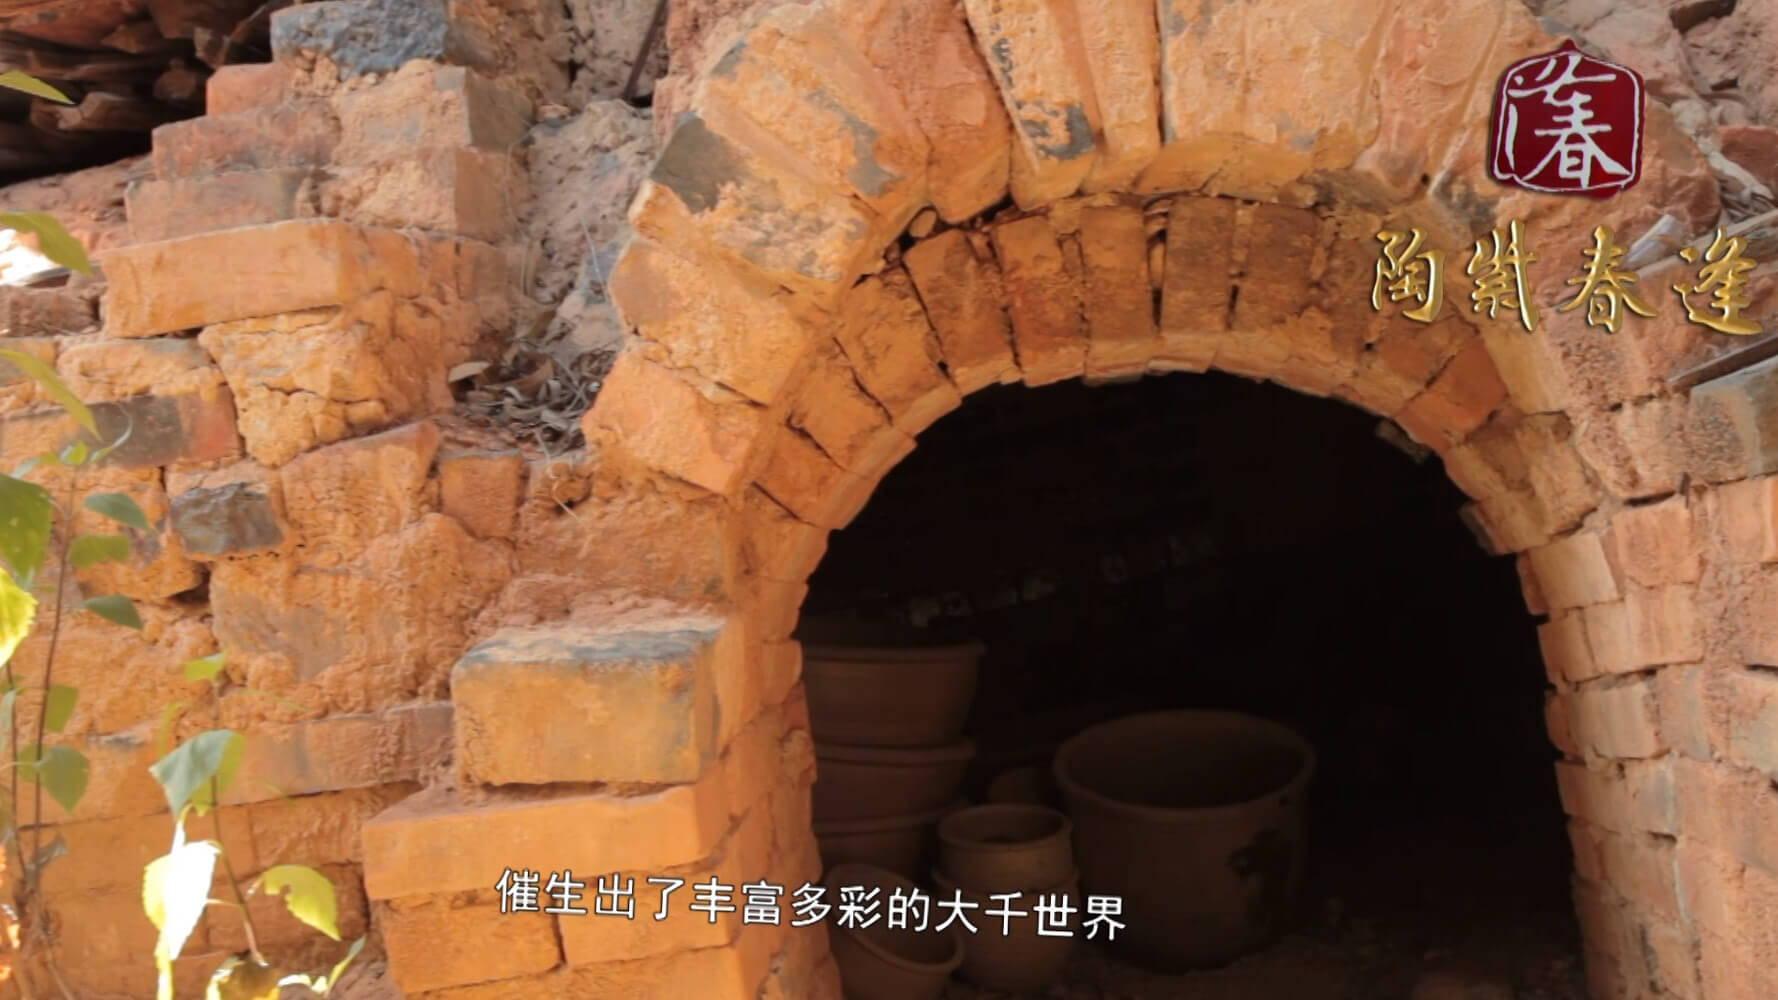 Creating Jian Shui Pottery - Fire in Kiln